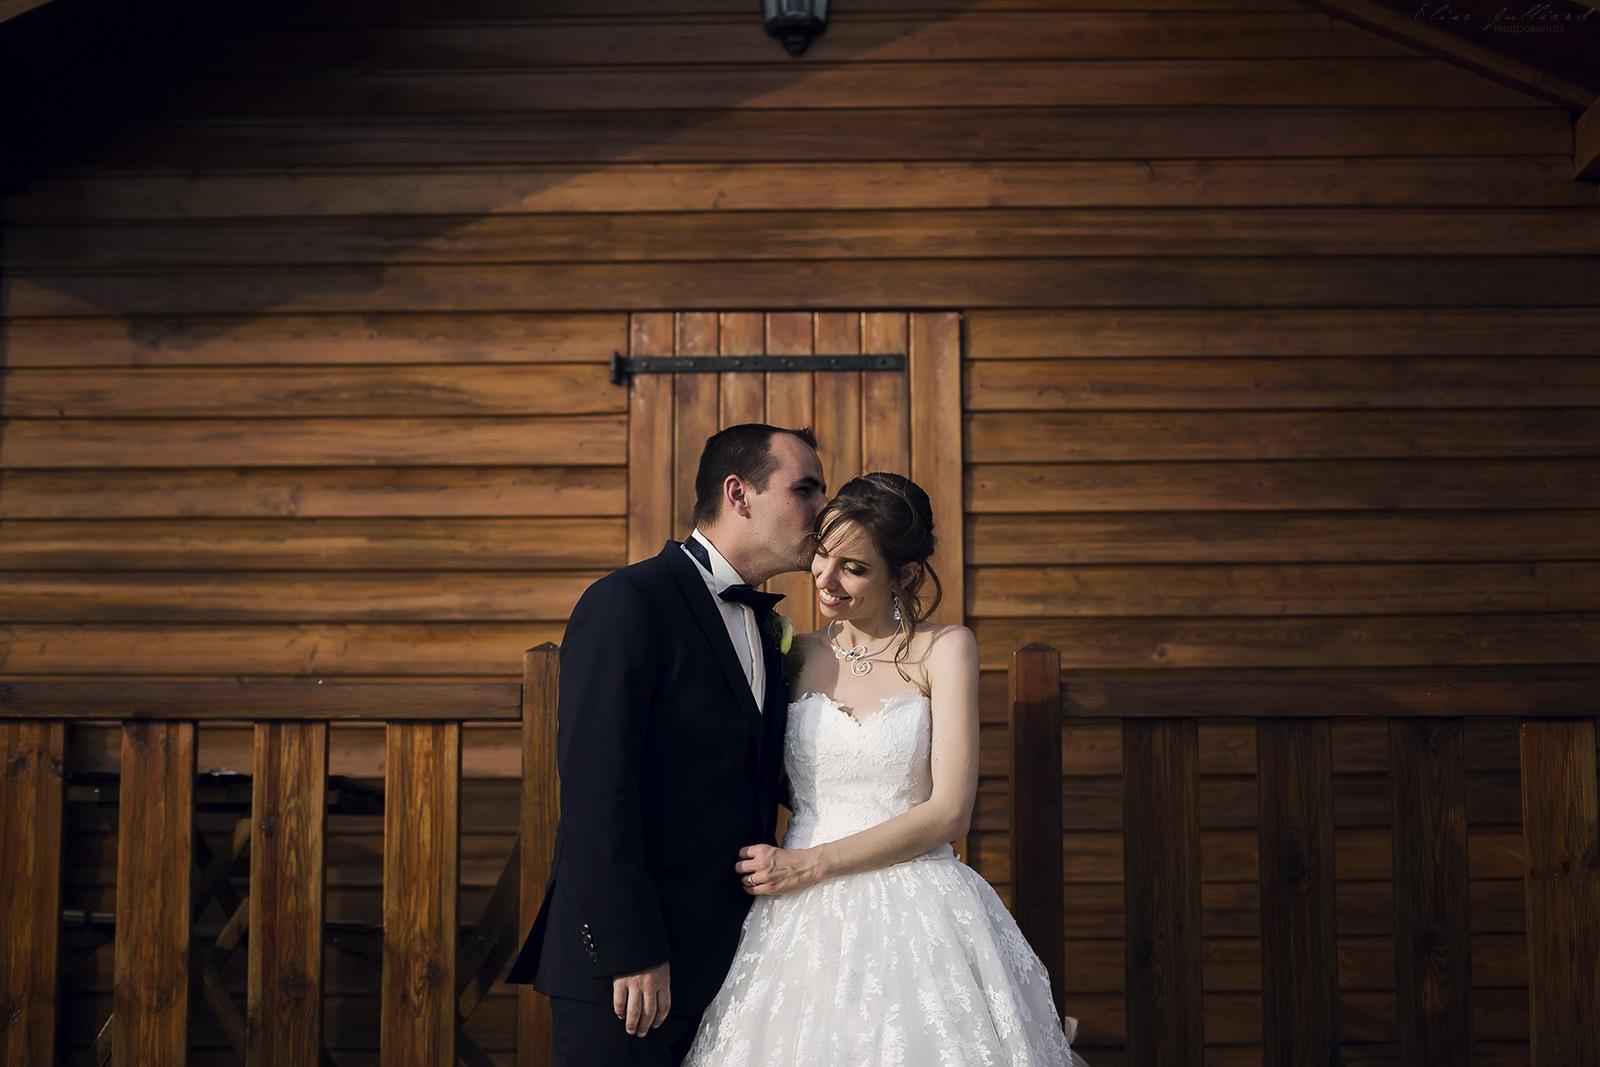 mariage-reportage-photographe-wedding-photographer-robe-chateau-de-blaceret-roy-lyon-couple-auvergne-rhone-alpes-savoie-haute-savoie-isere-ain-drome-ardeche-elise-julliard-2